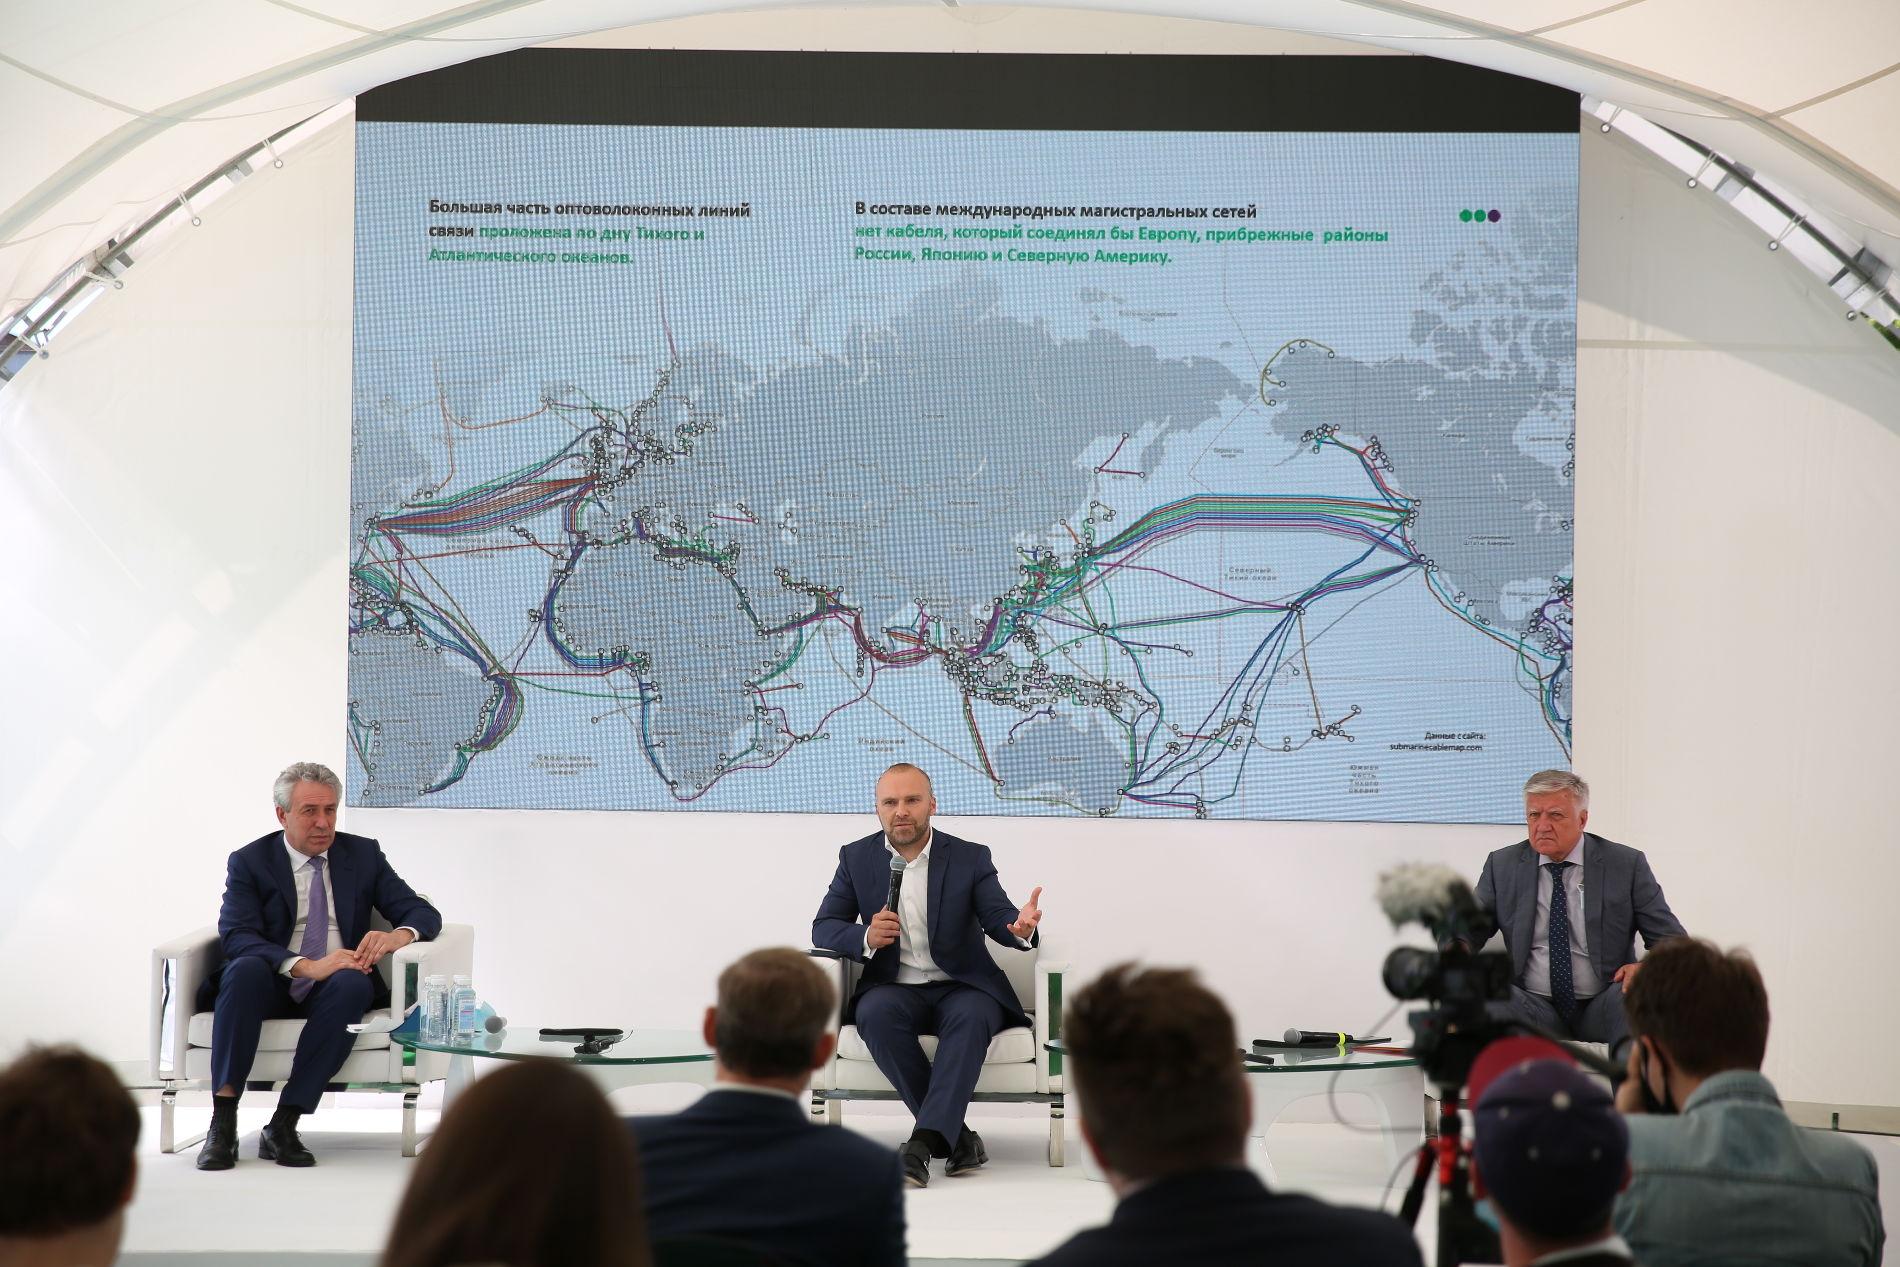 Пресс-конференция МегаФона и «Росгеологии», Санкт-Петербург ©Фото предоставлено пресс-службой МегаФона